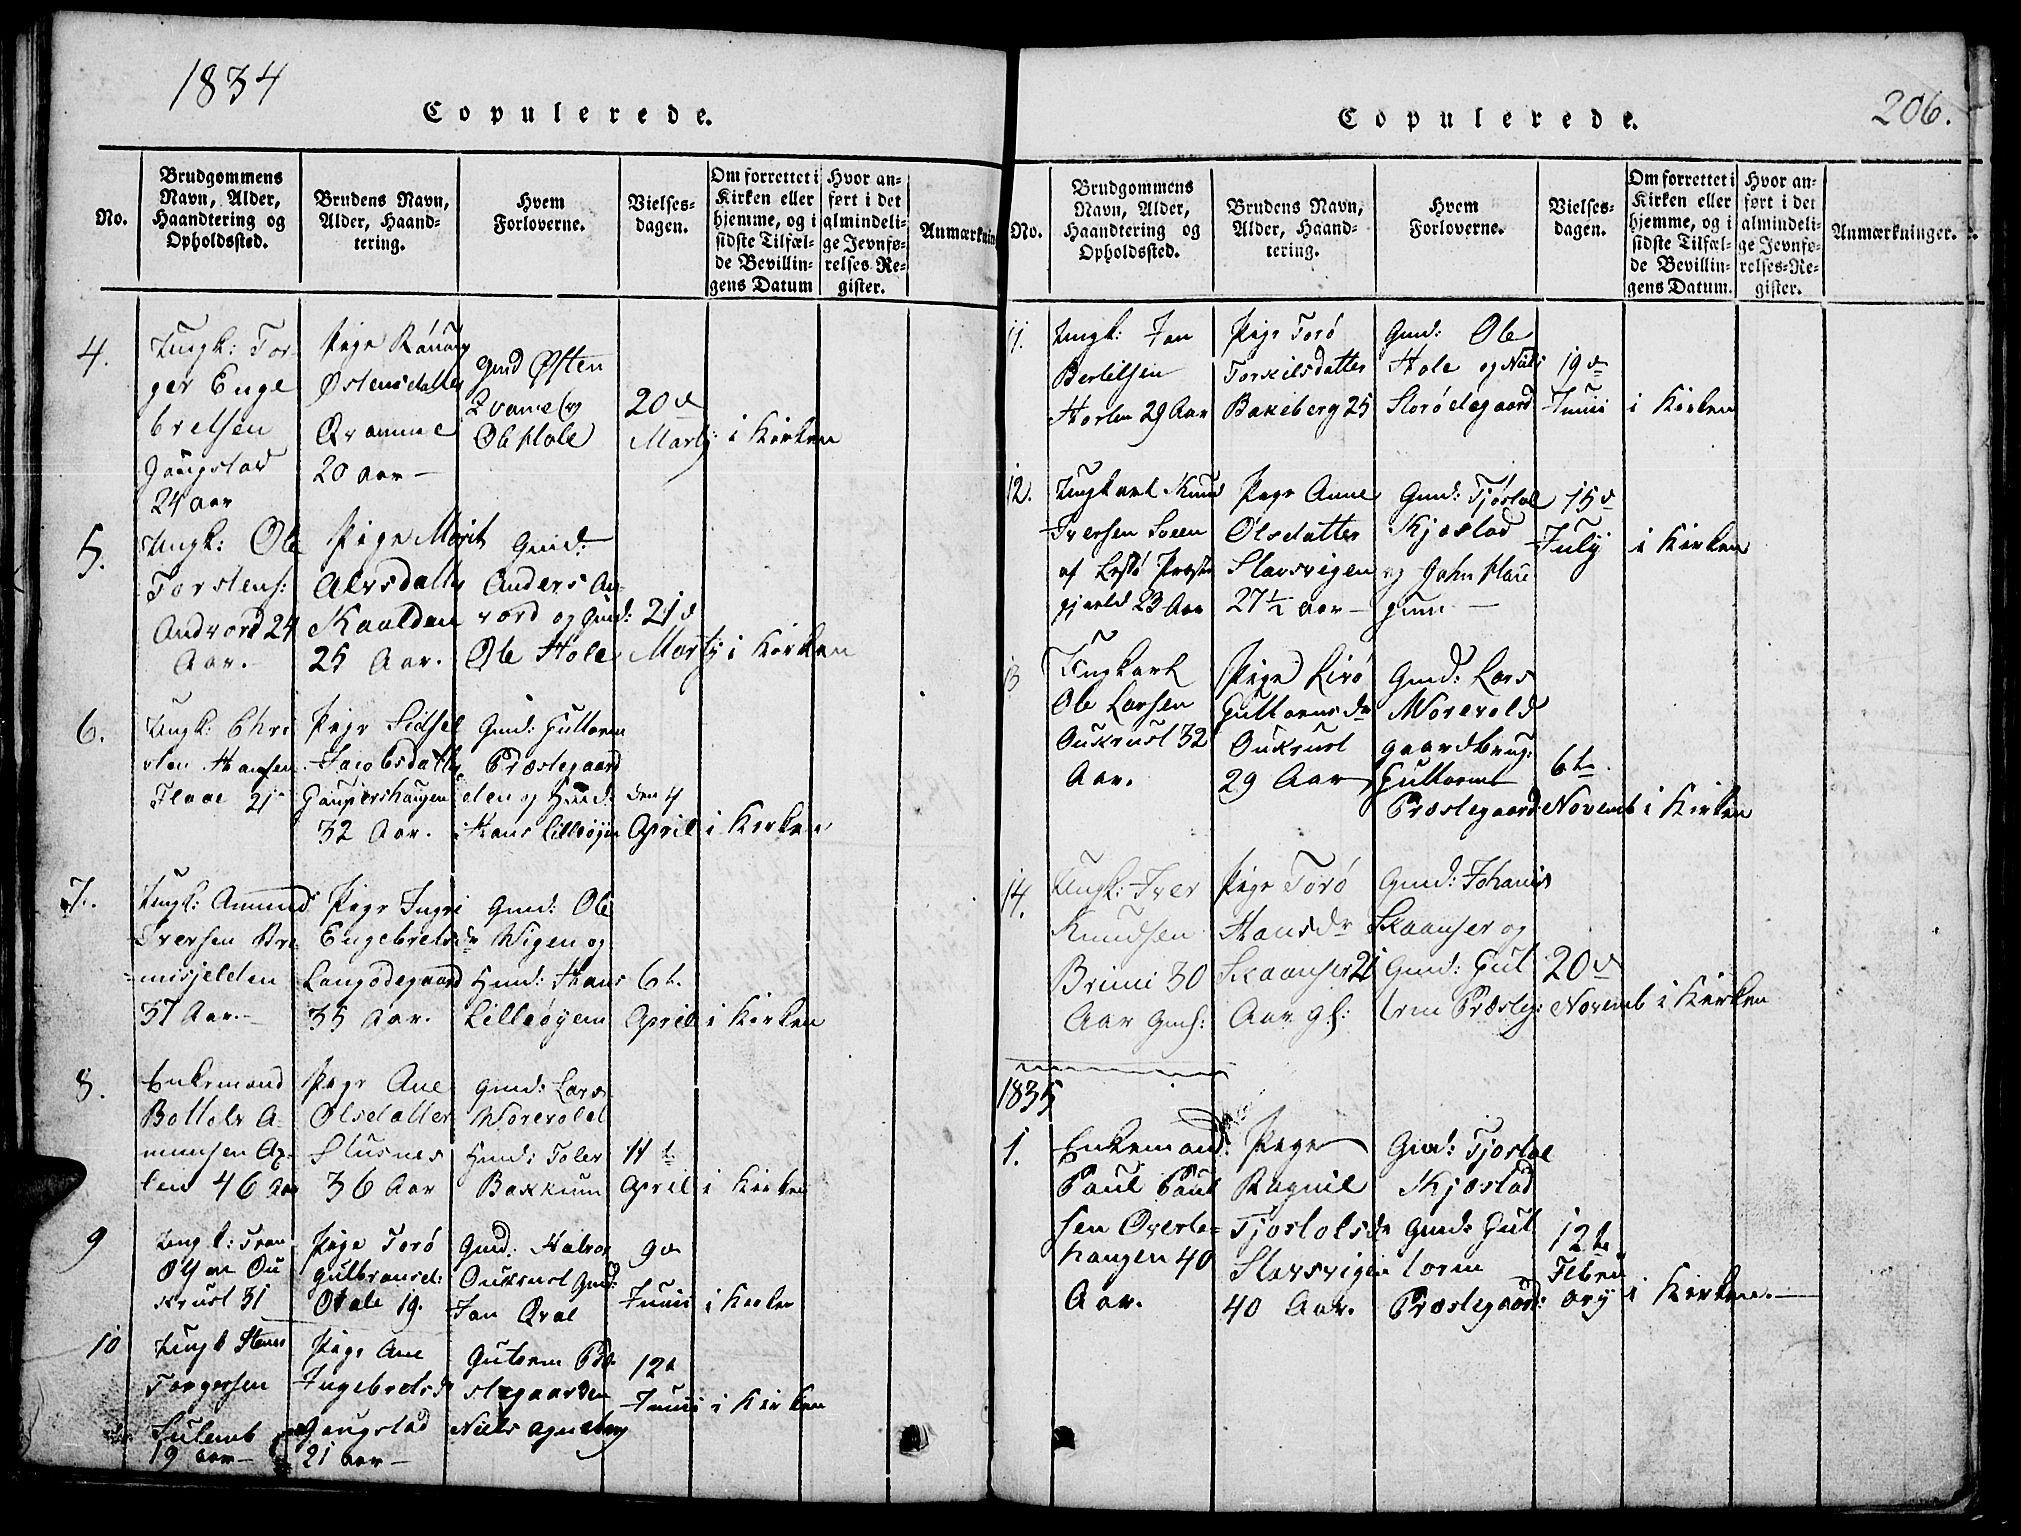 SAH, Lom prestekontor, L/L0001: Klokkerbok nr. 1, 1815-1836, s. 206